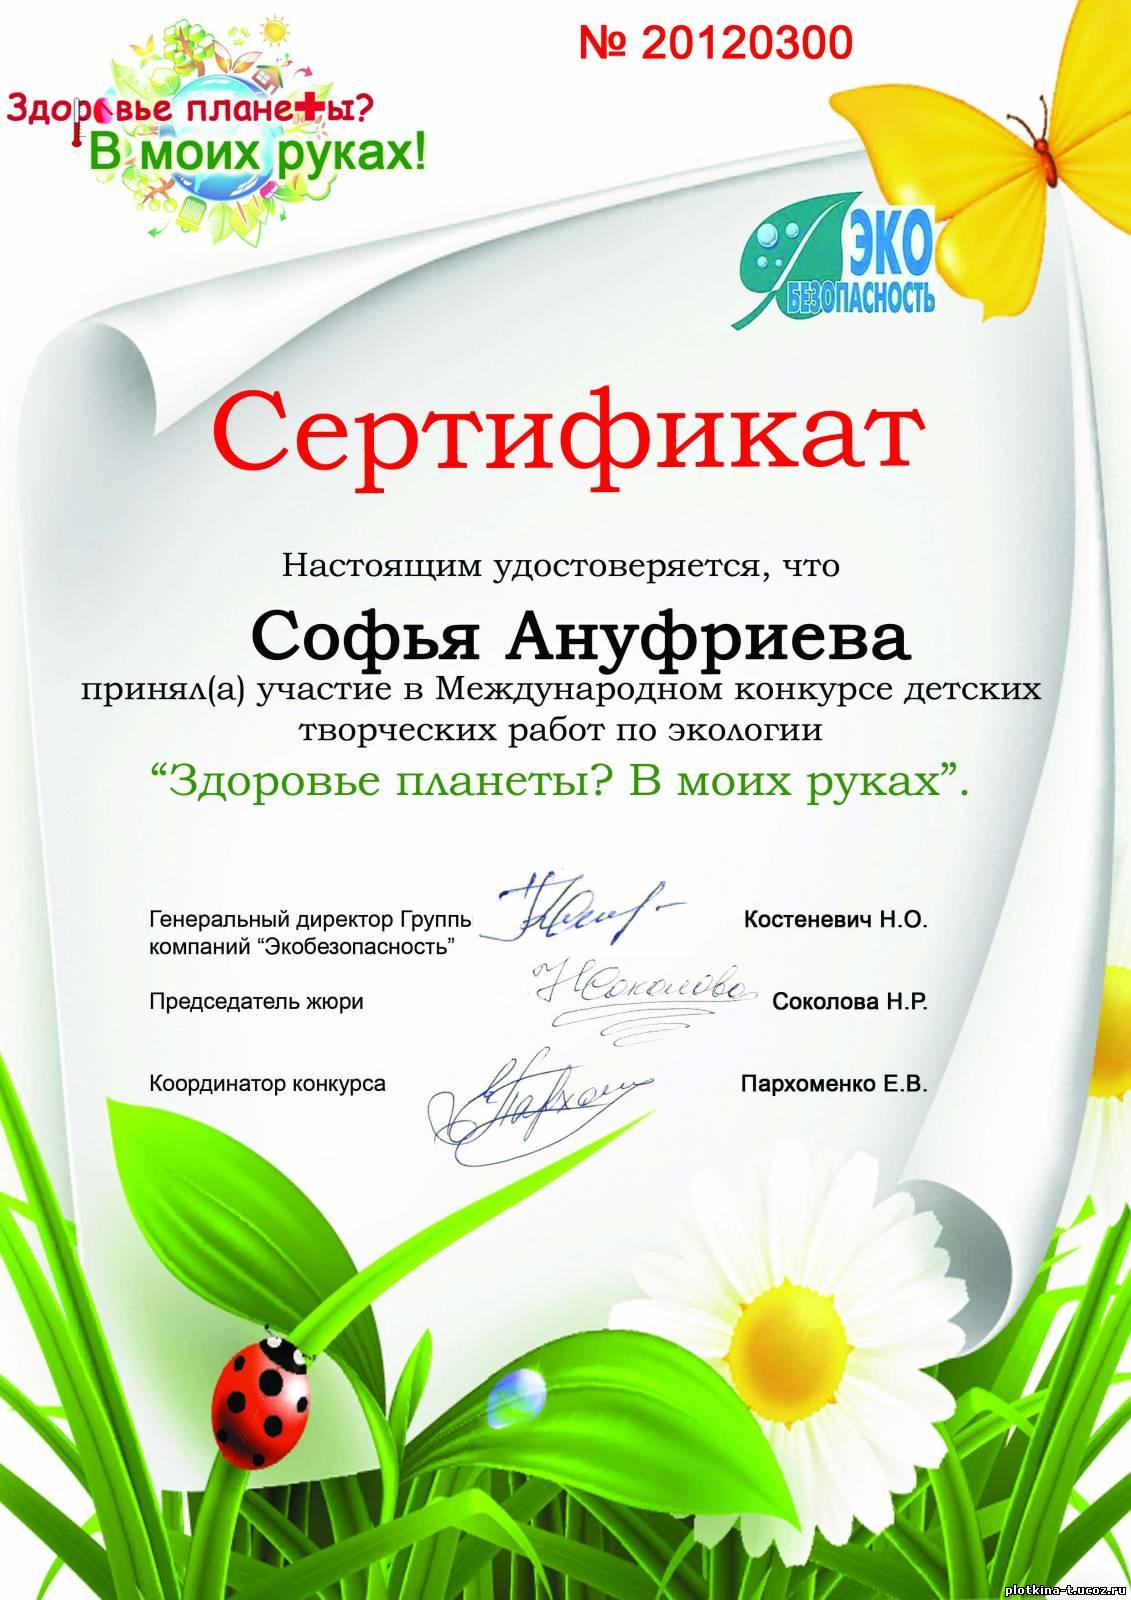 Шаблоны грамот экологических конкурсов